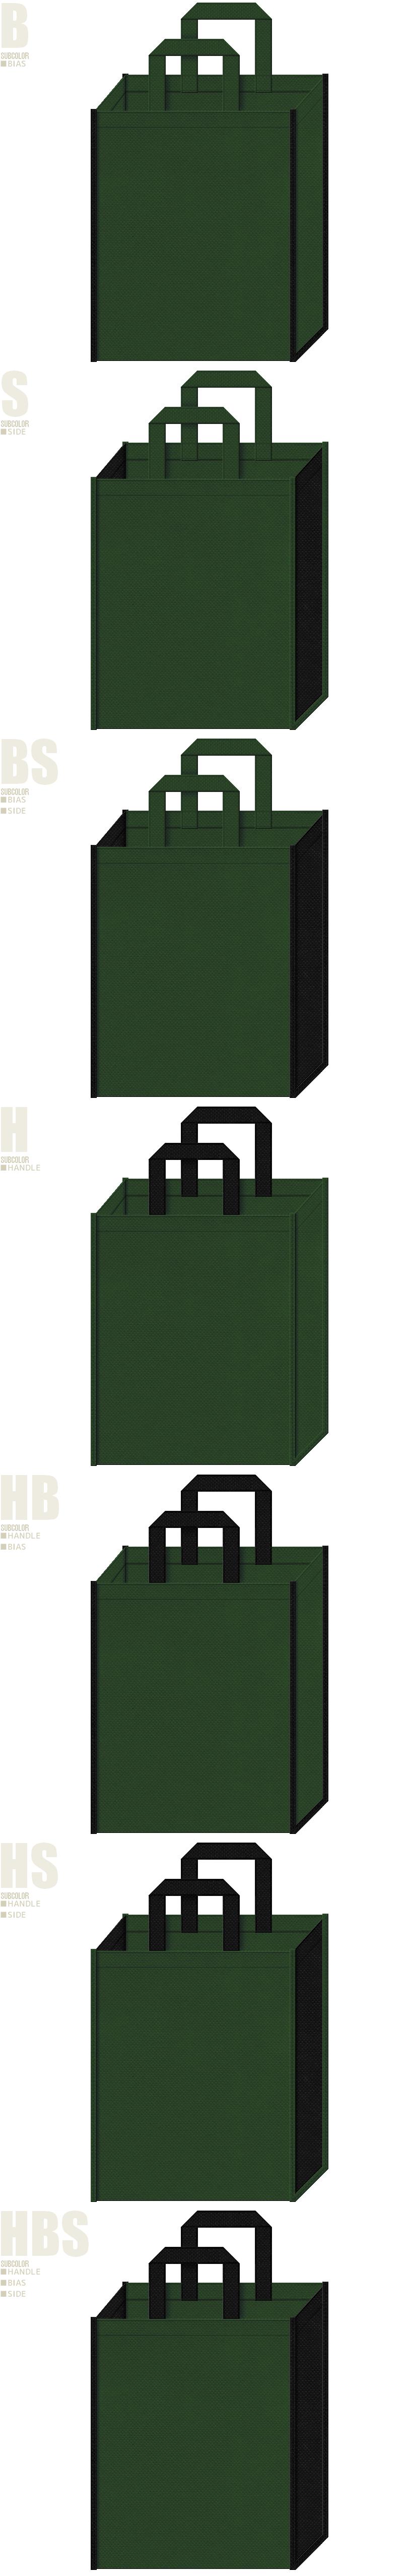 濃緑色と黒色、7パターンの不織布トートバッグ配色デザイン例。忍者、武道イメージの不織布バッグにお奨めの配色です。